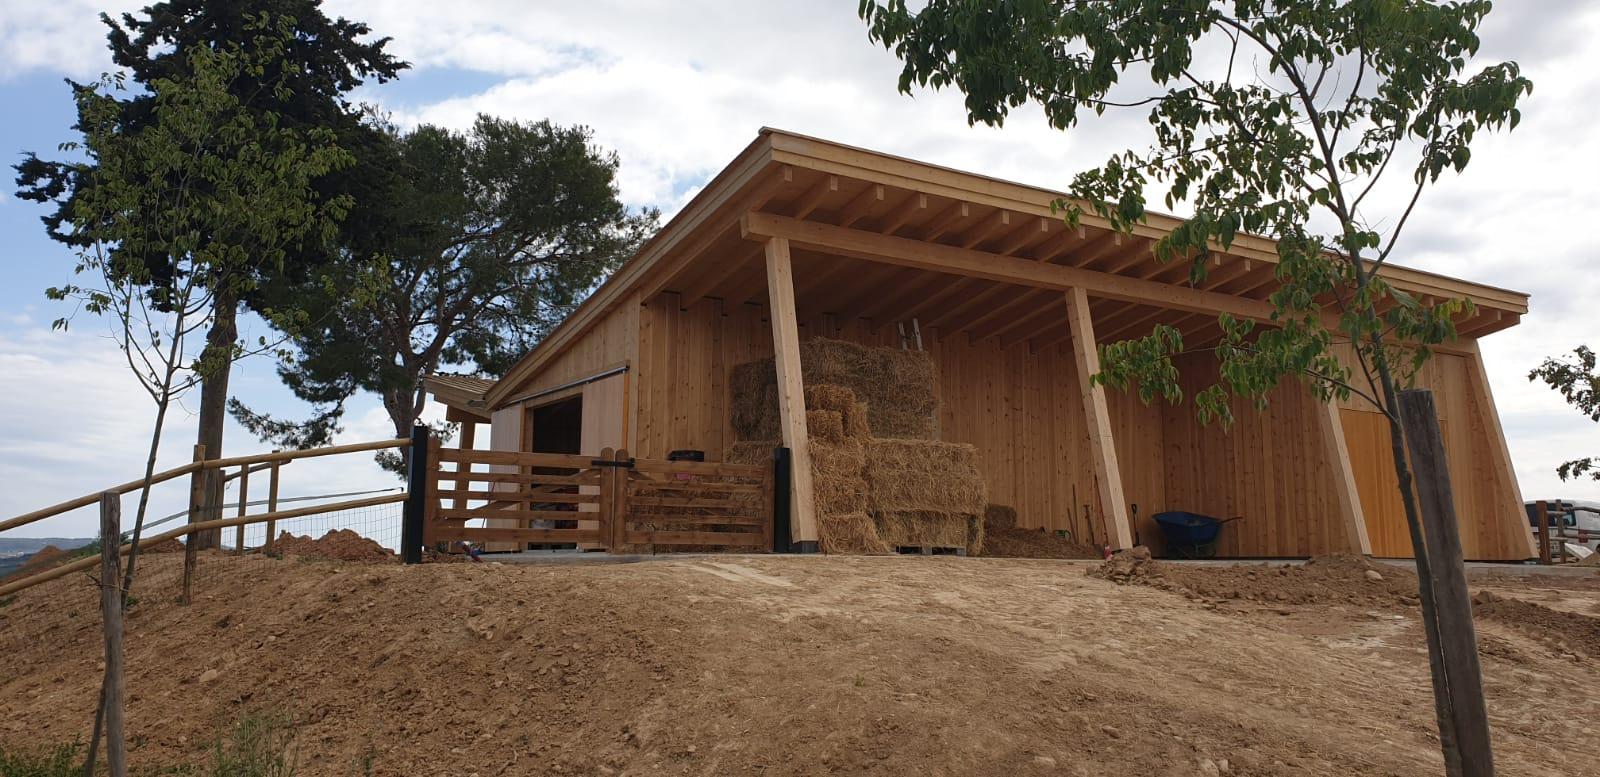 Single-family house + farm building